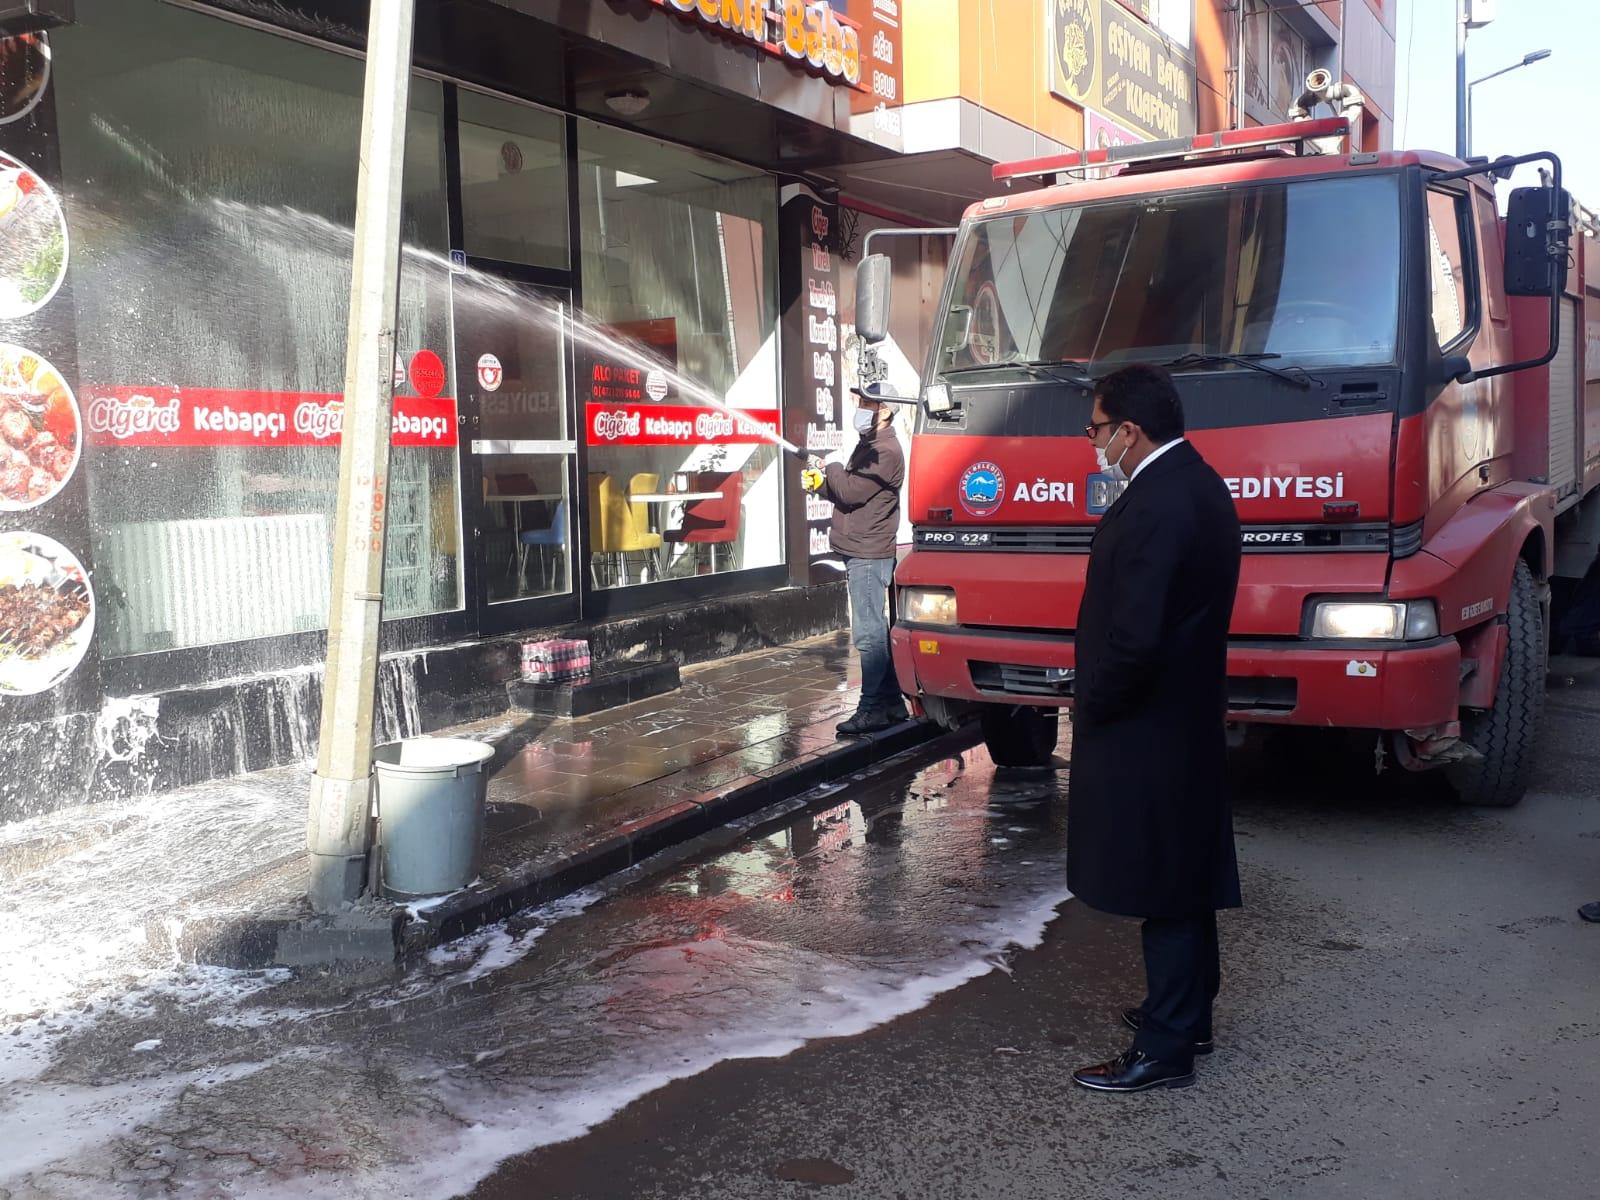 Ağrı'da cadde ve sokaklar koronavirüse karşı sabunlu su ile yıkanıyor